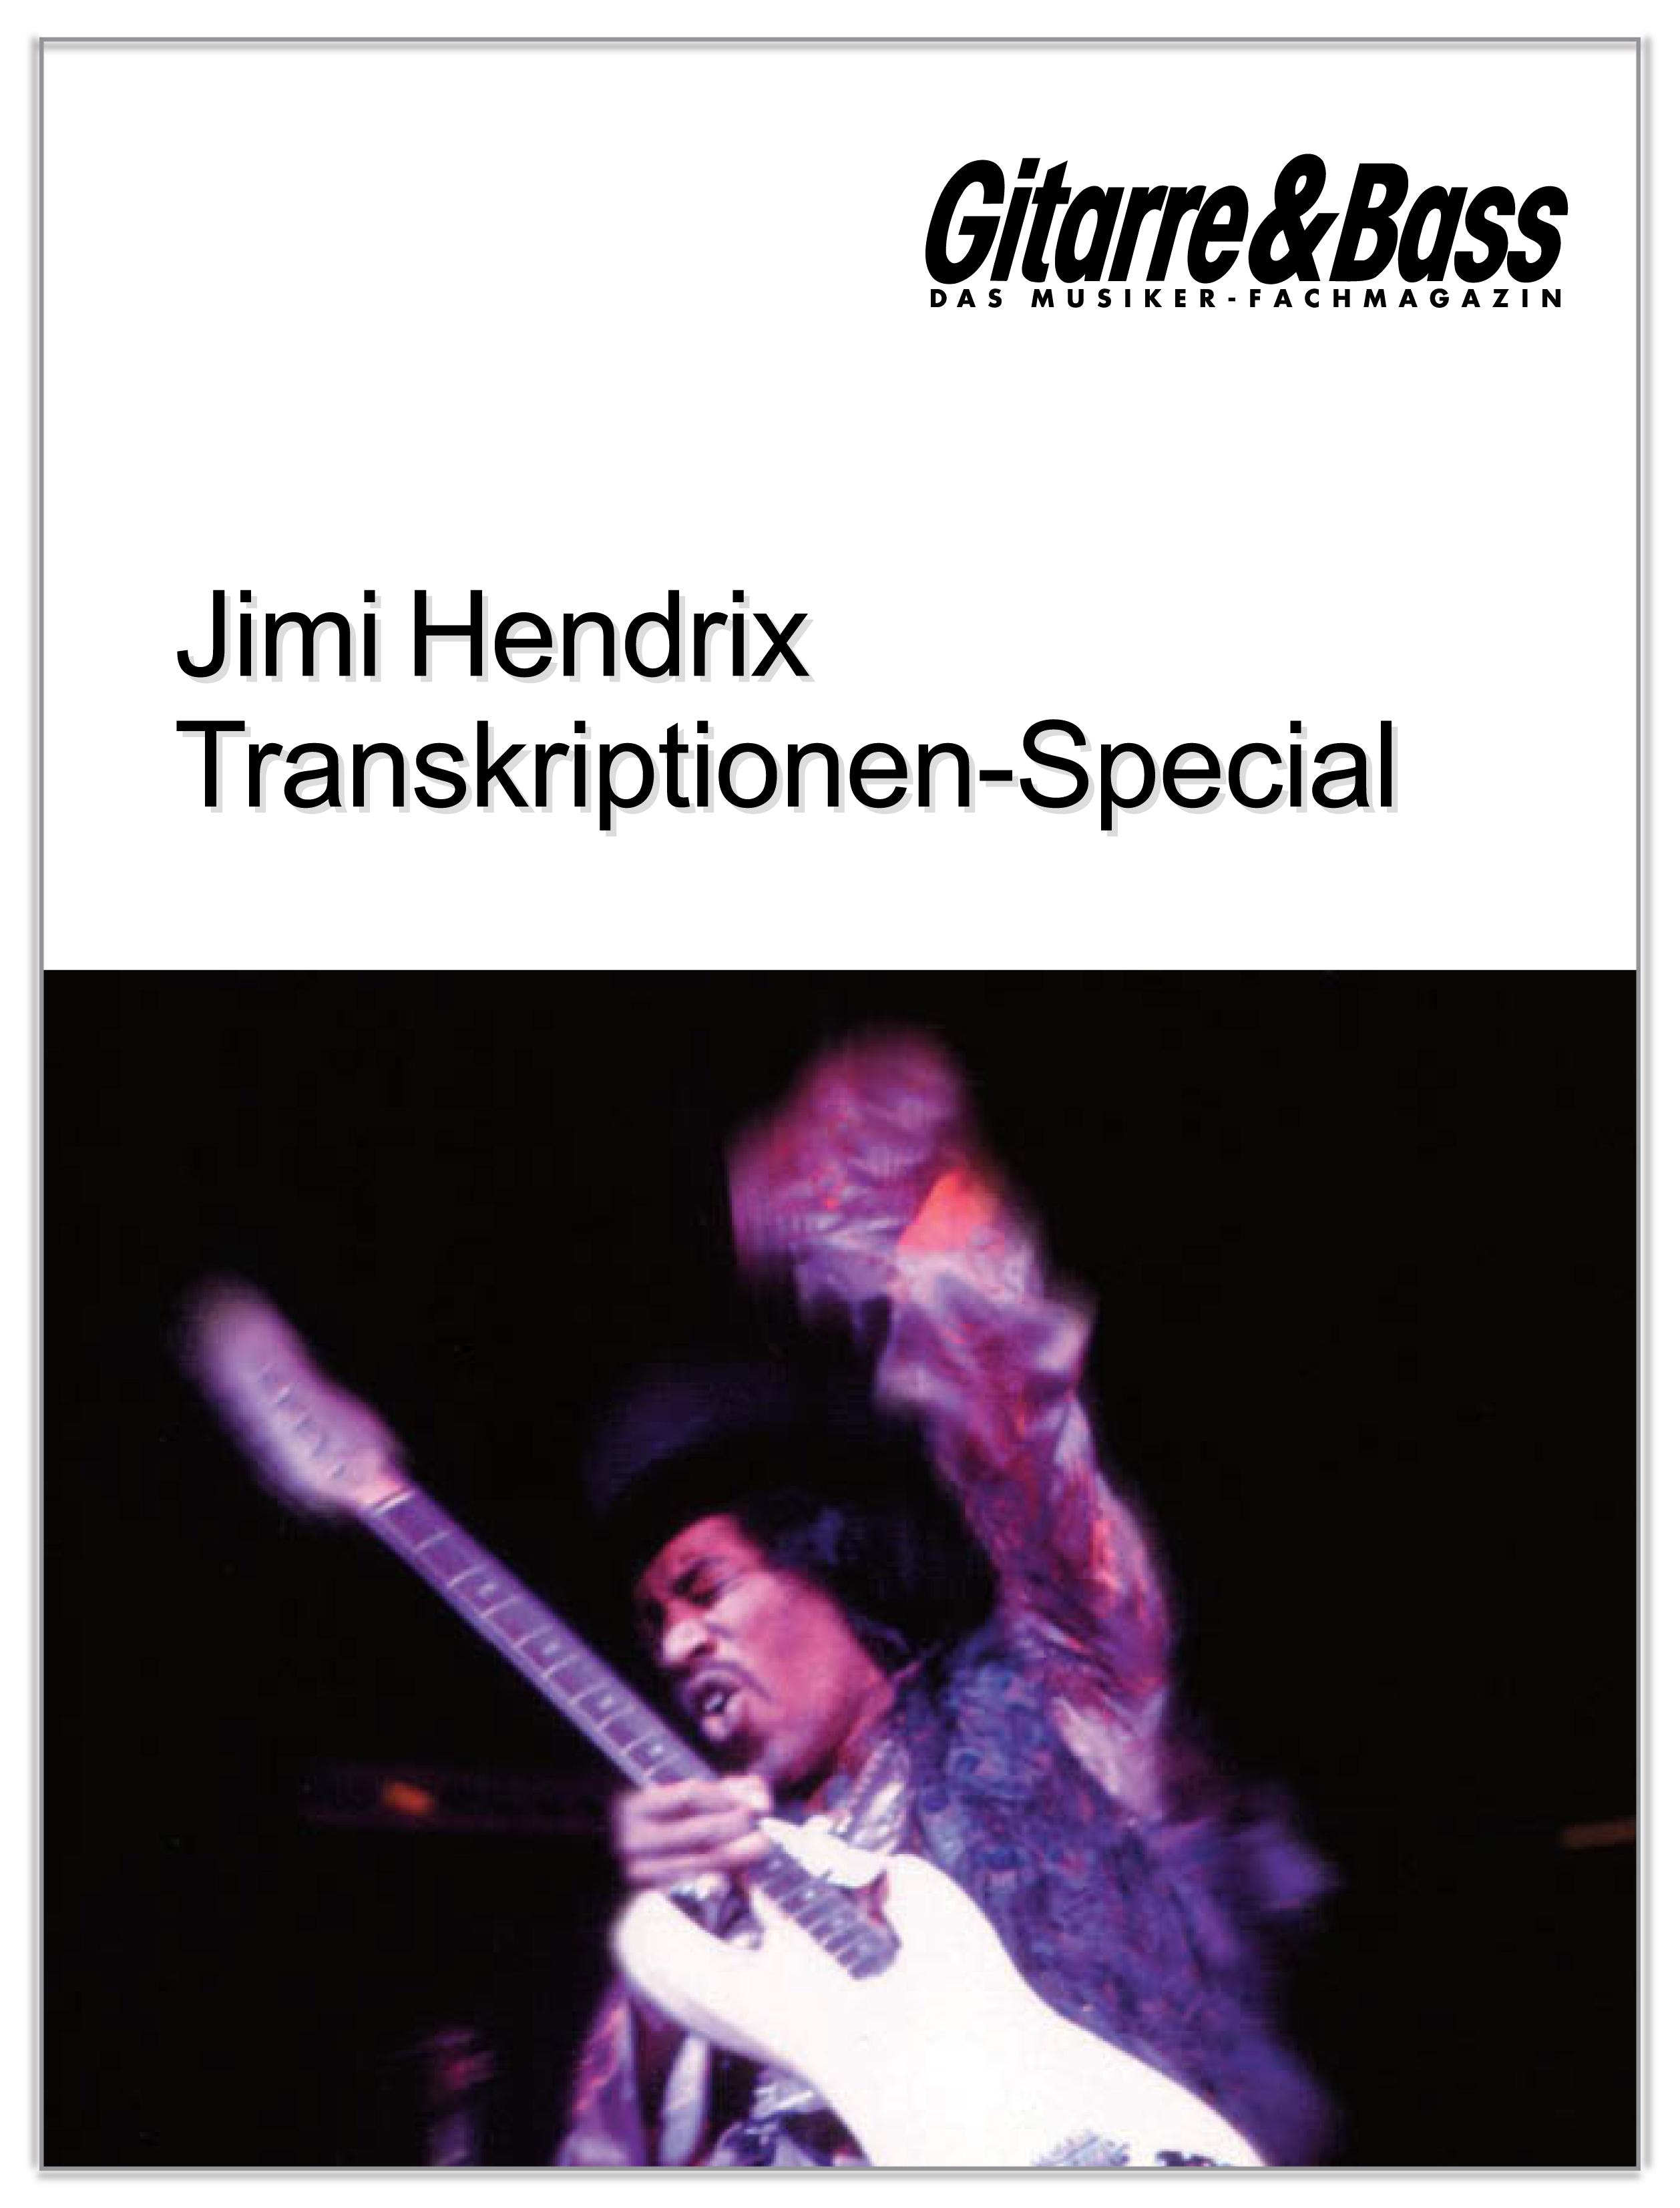 Produkt: Jimi Hendrix Transkriptionen